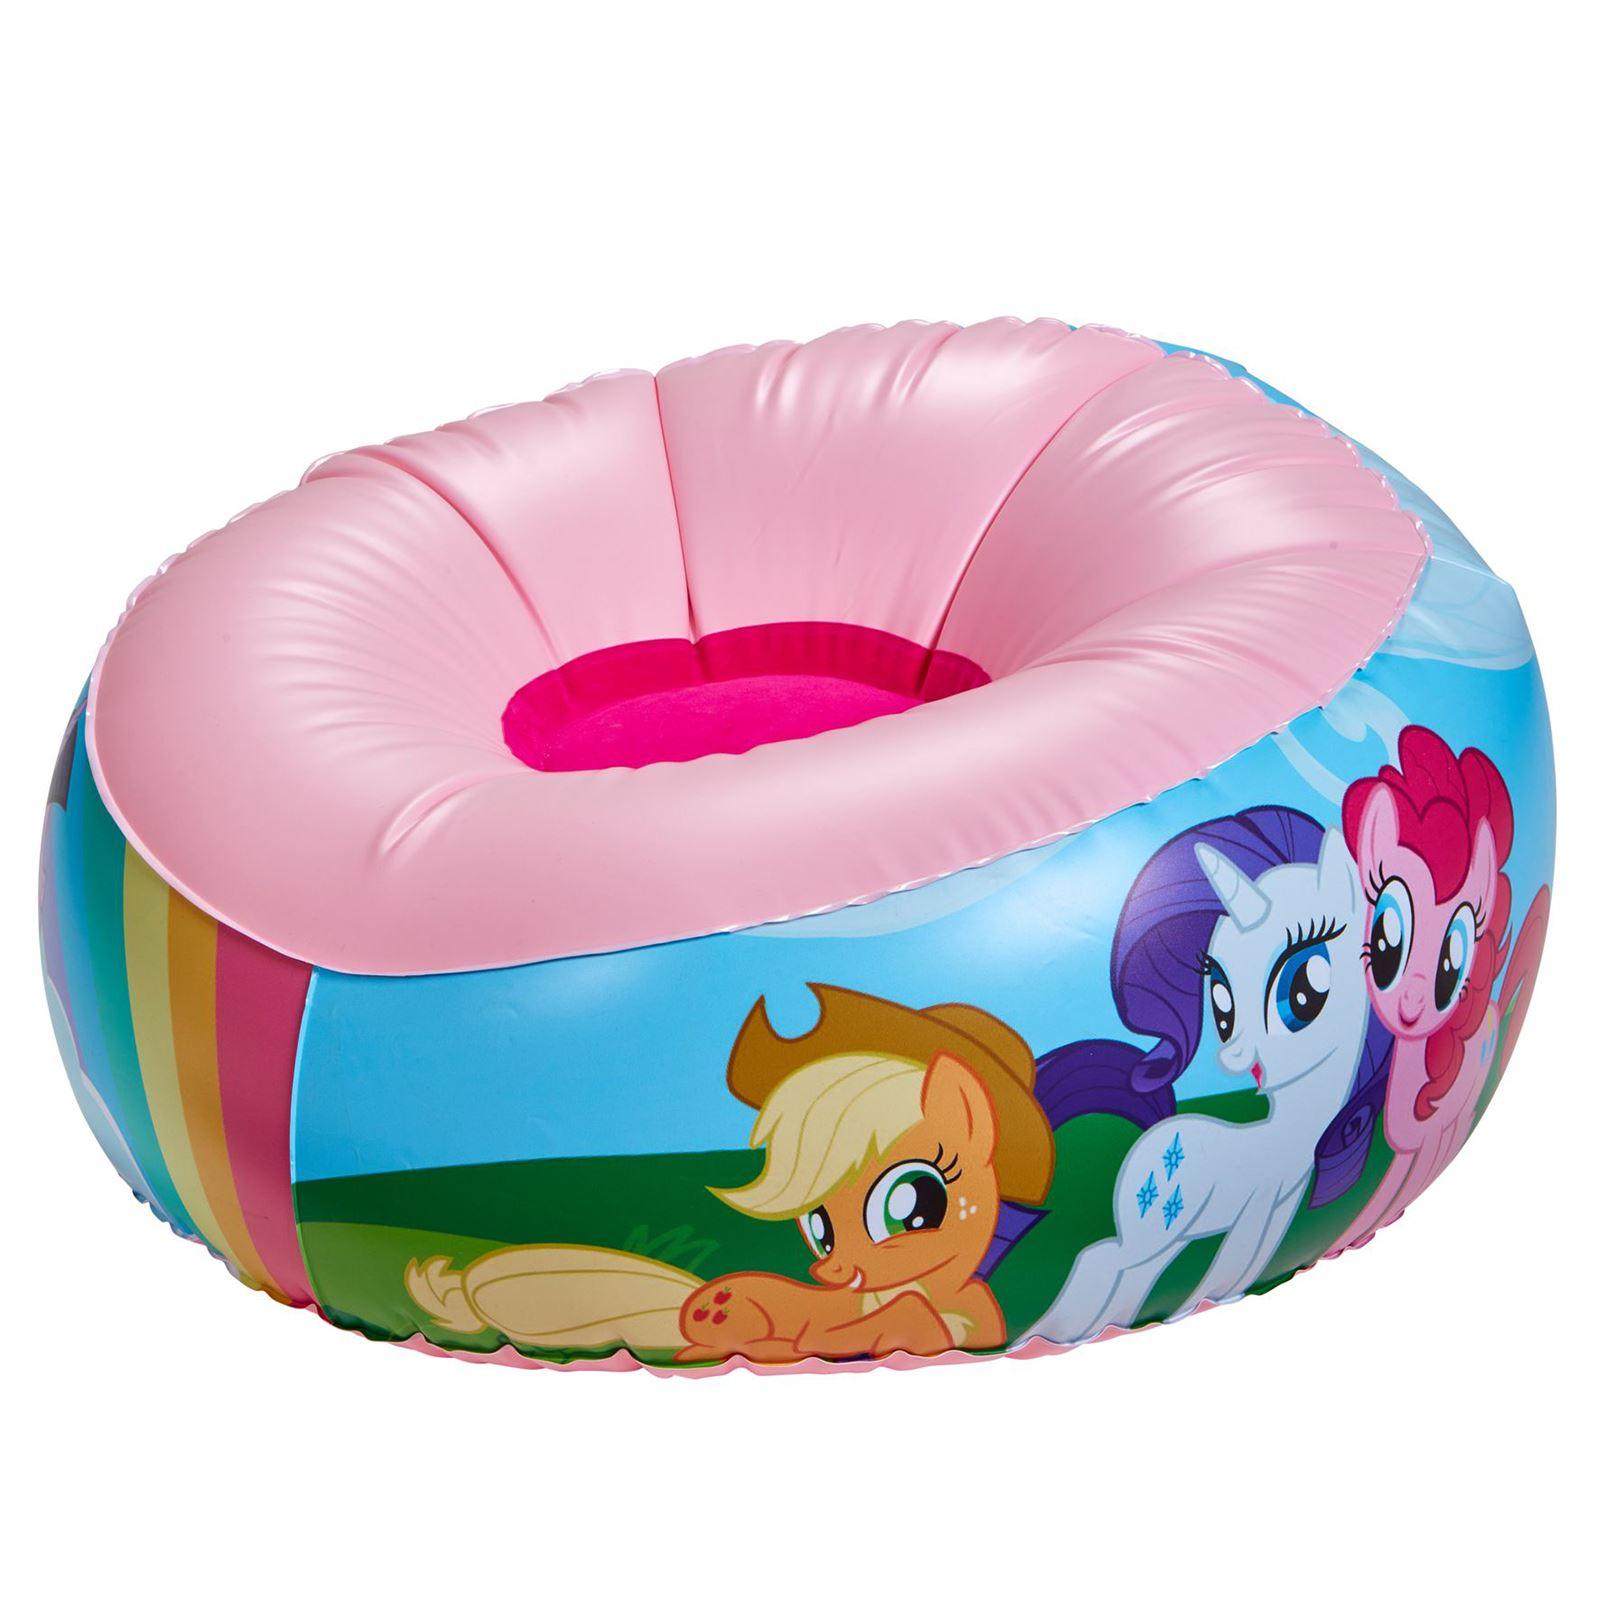 Indexbild 9 - Kinder Aufblasbarer Sessel - PAW PATROL, My LIttle Pony, Star Wars, Toy Story